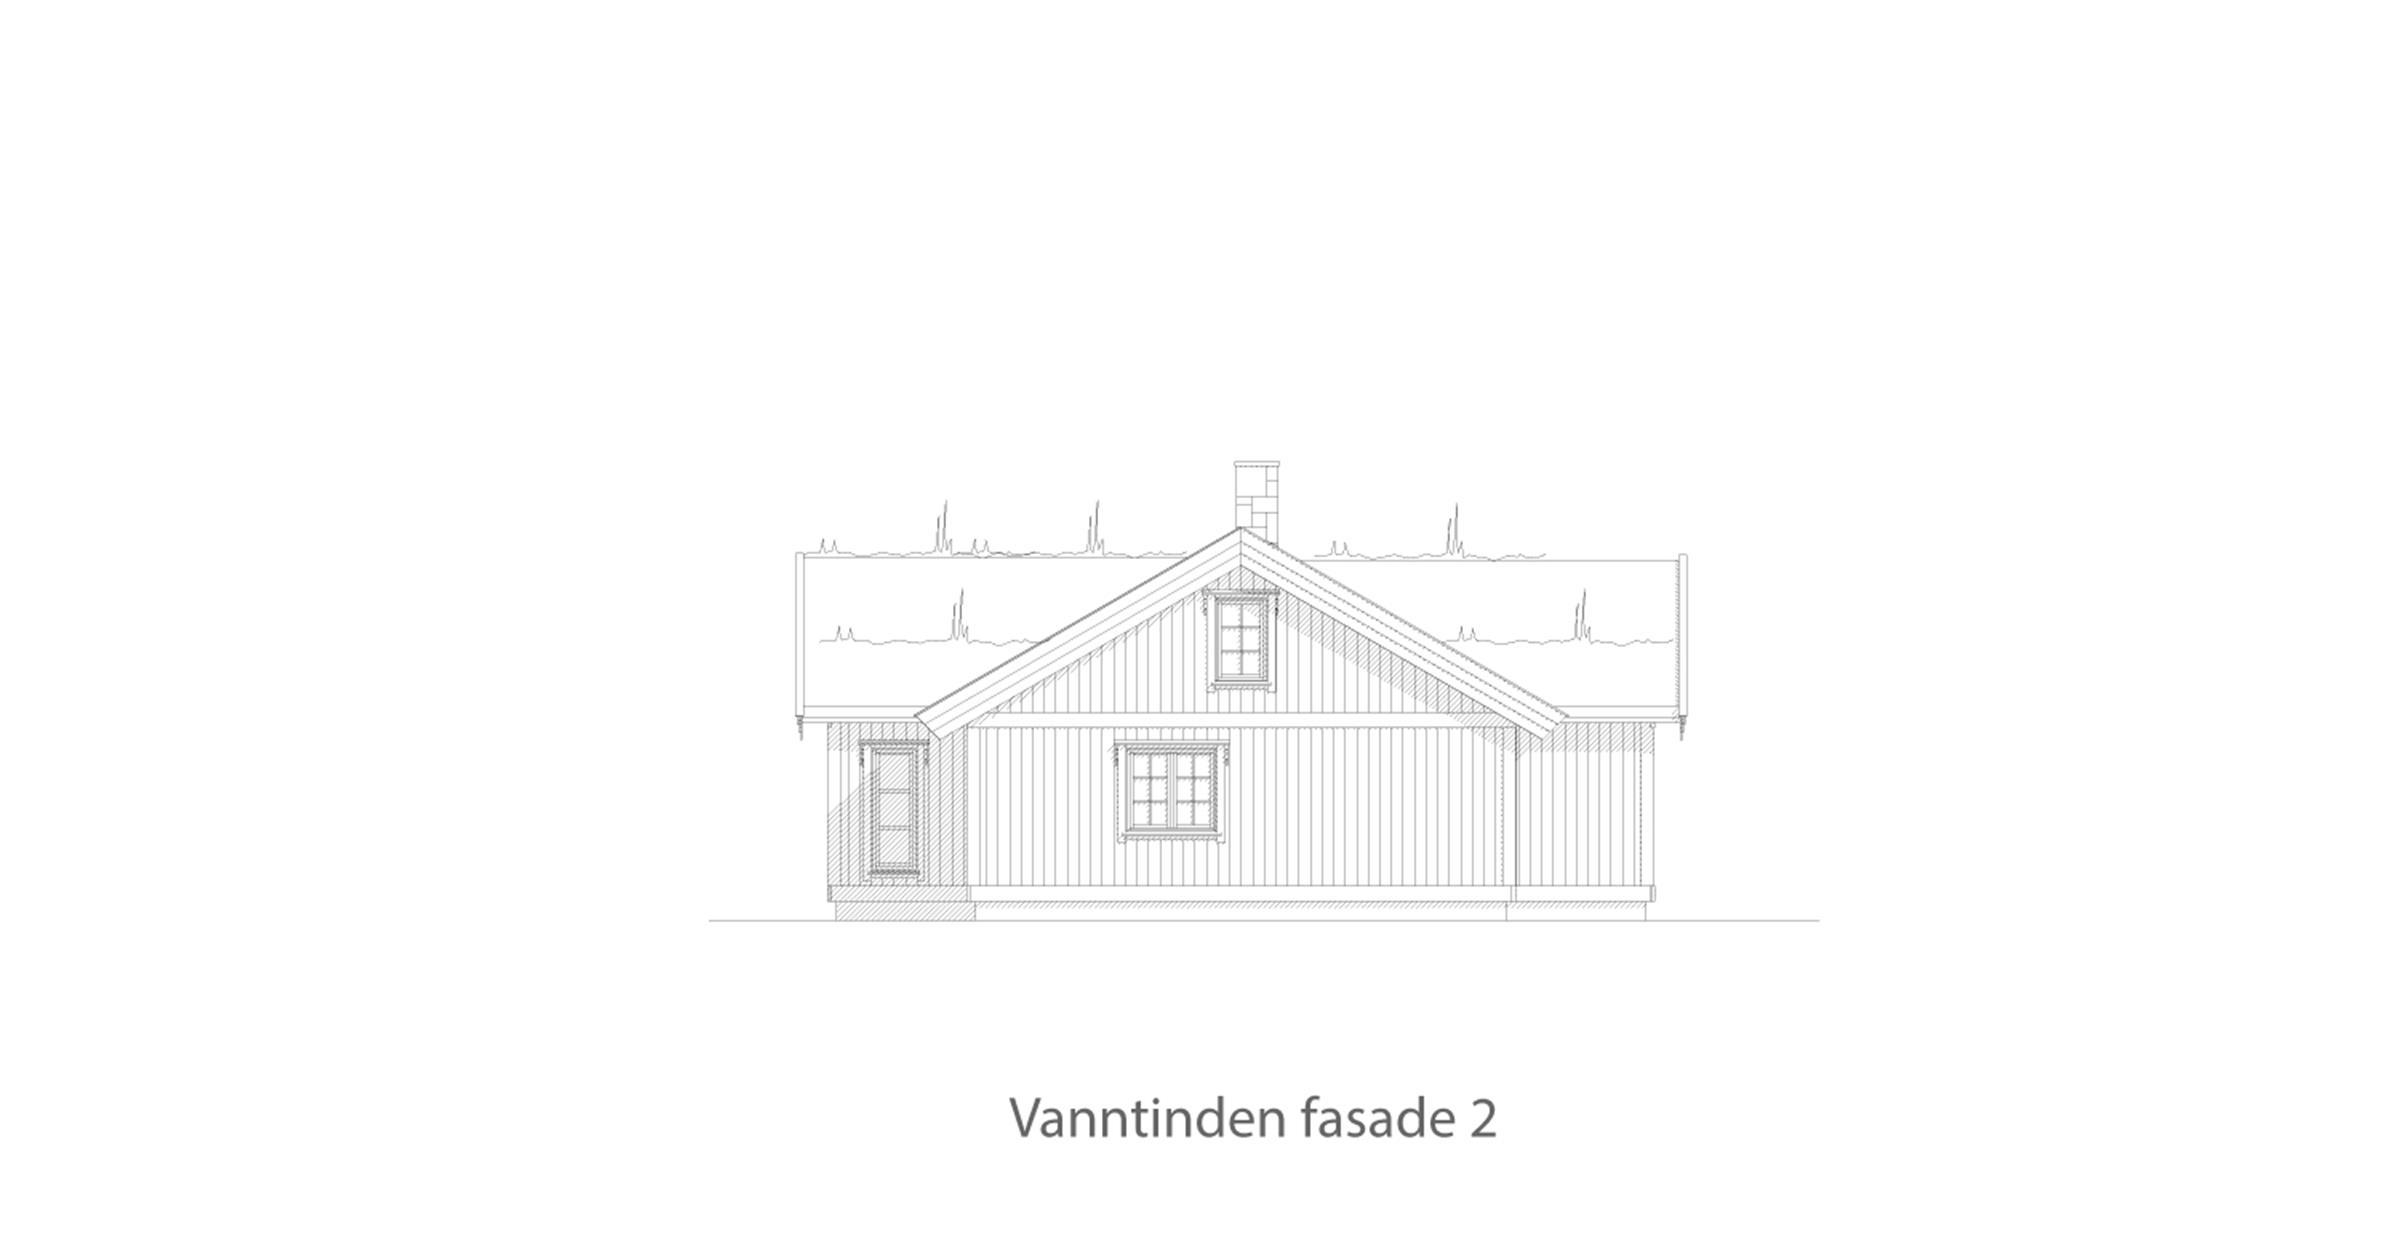 Vanntinden fasade 2